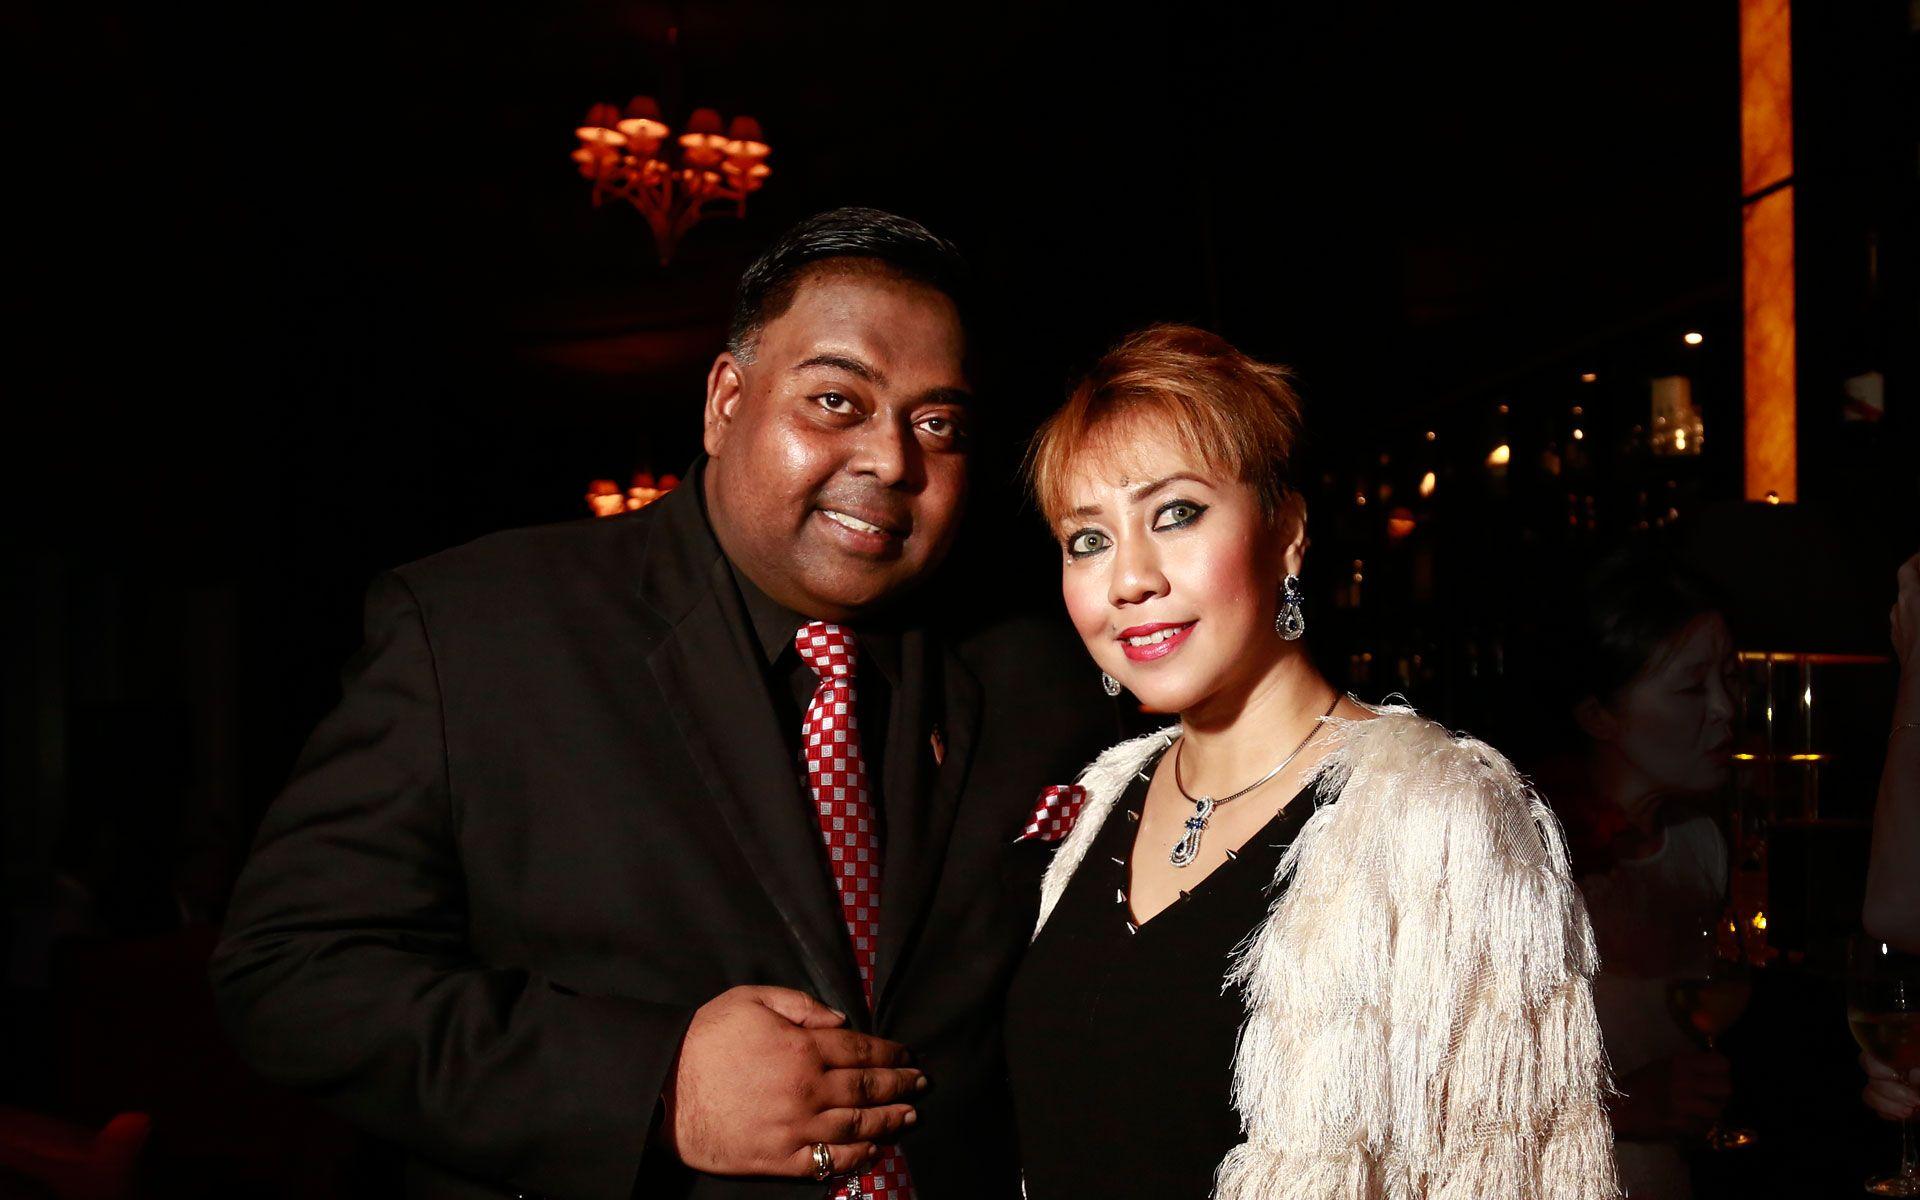 Datuk George Gerald and Ziera Mohd Noor